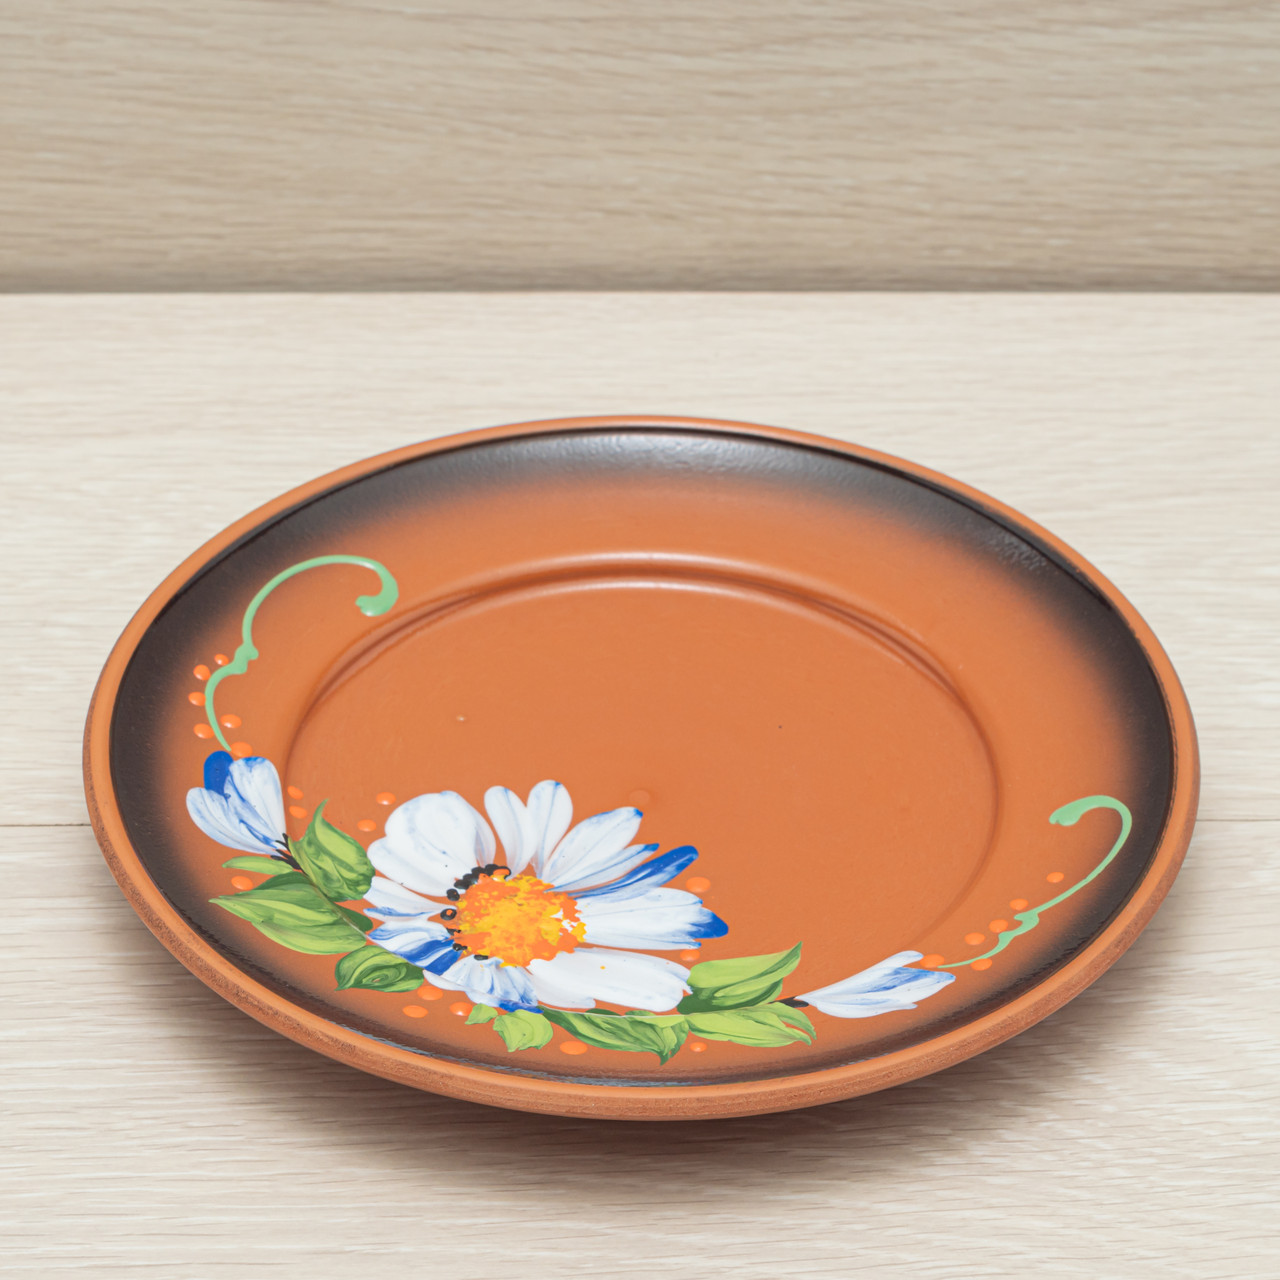 Тарелка обеденная, диаметр 21см, глазурь, художественная роспись